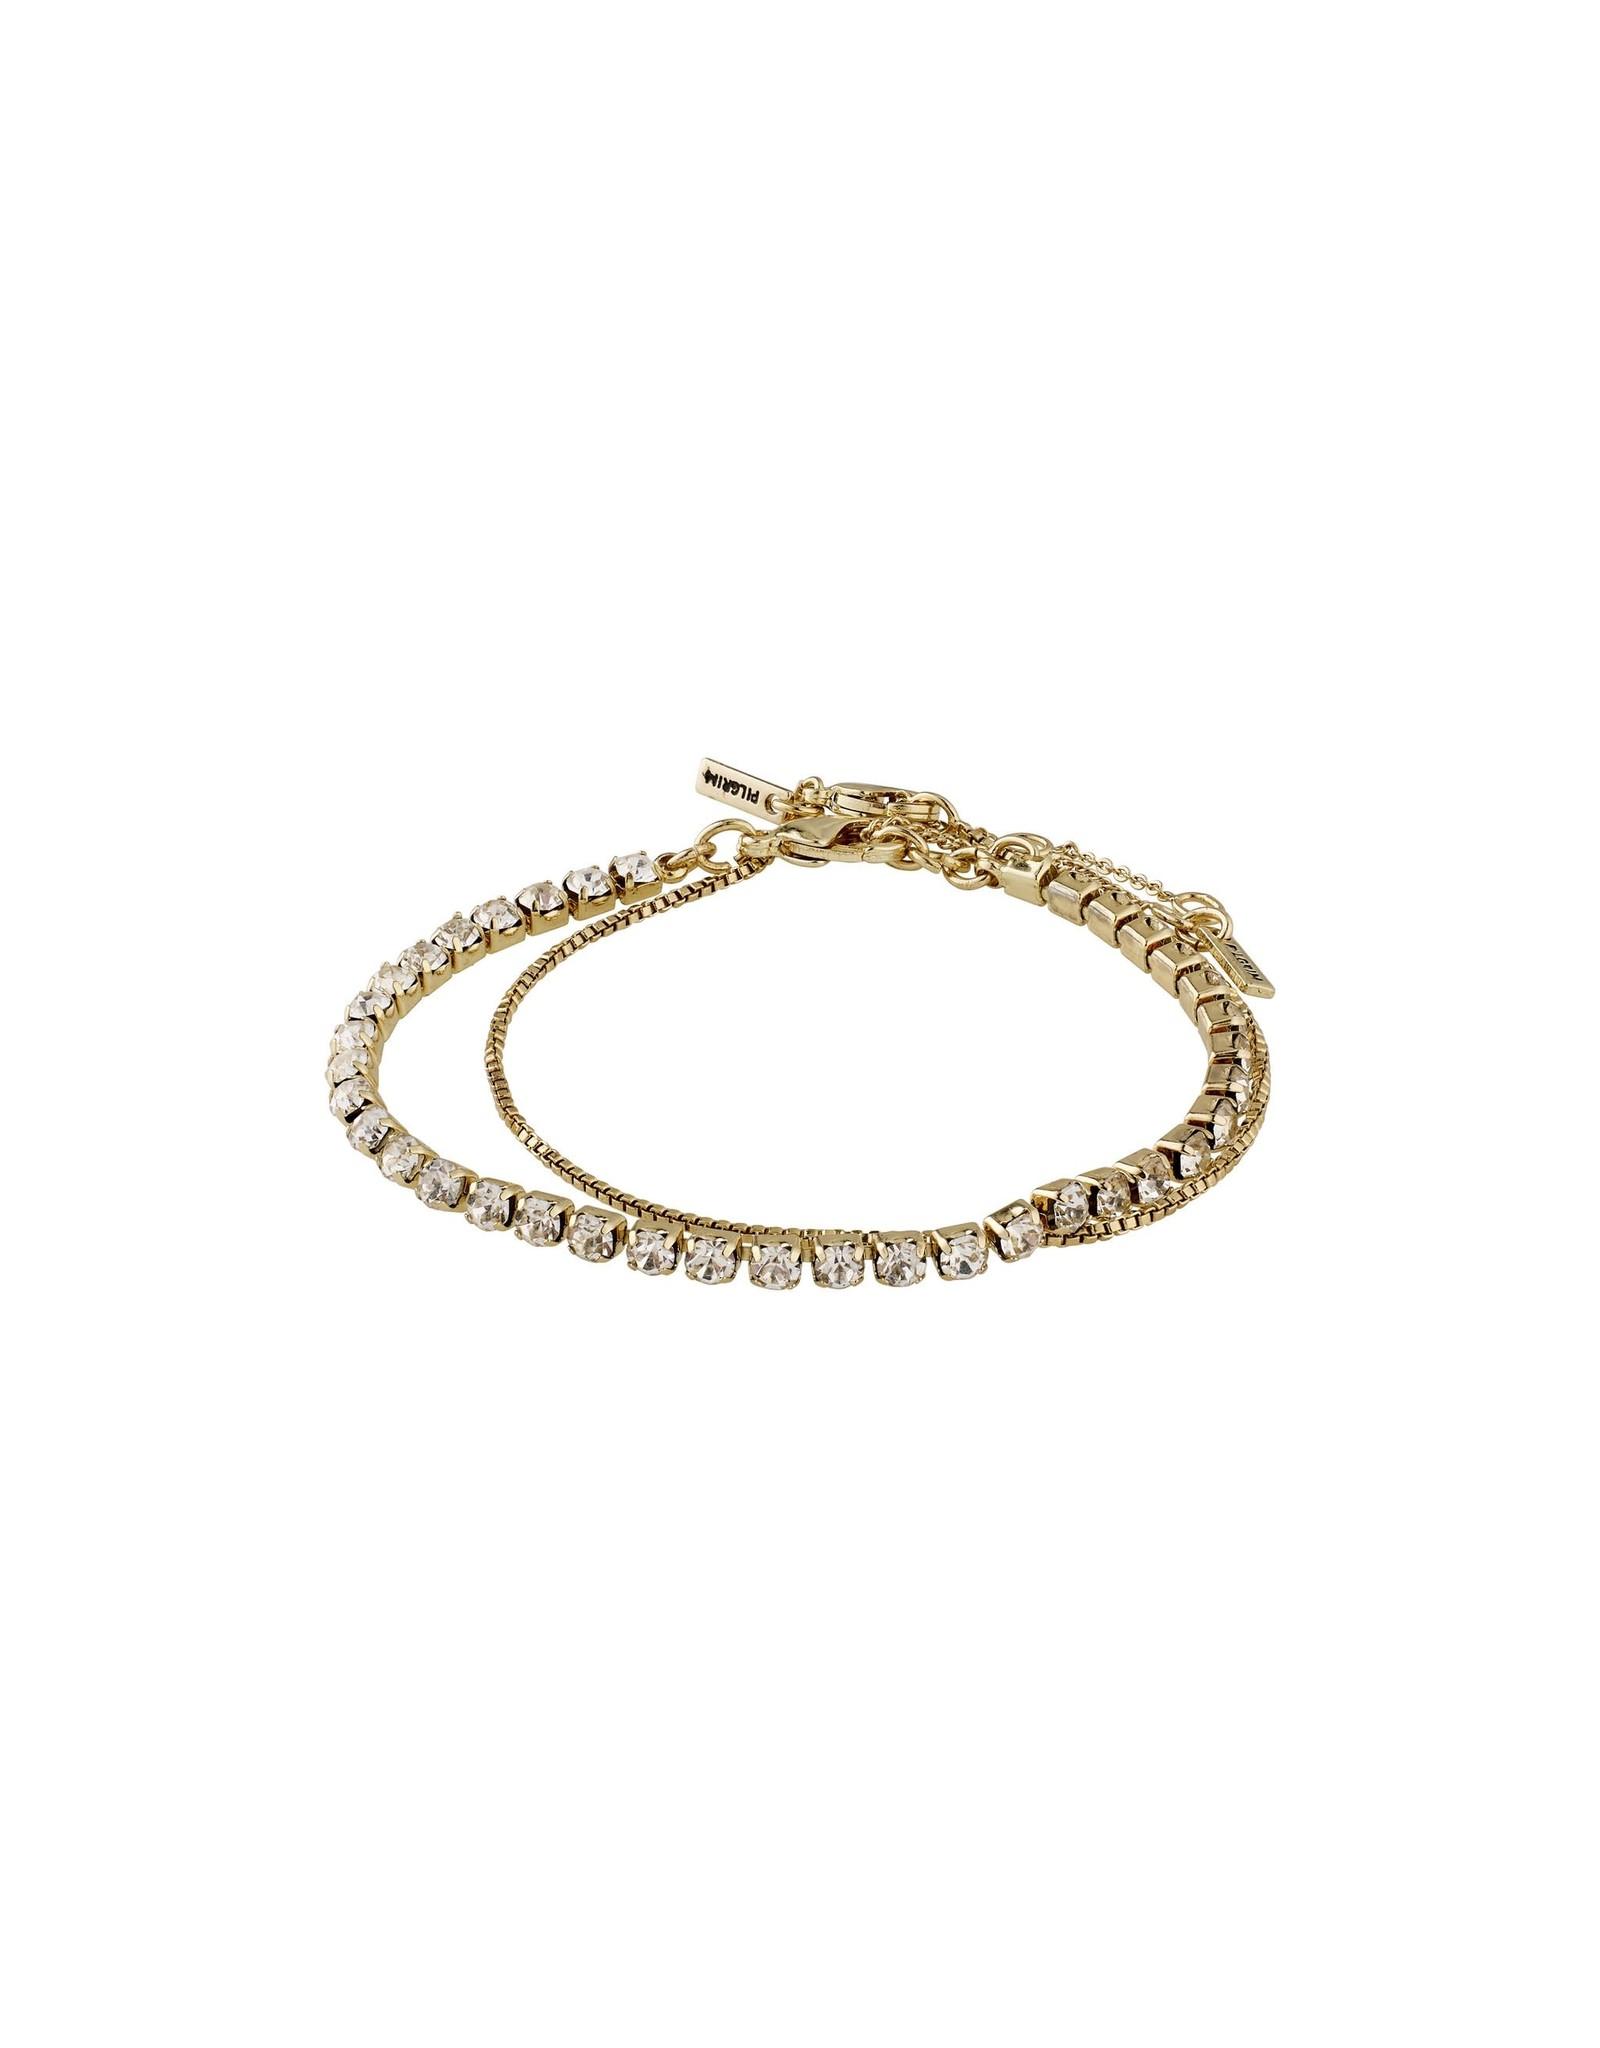 Pilgrim Pilgrim Compassion Bracelet Gold Plated Crystal